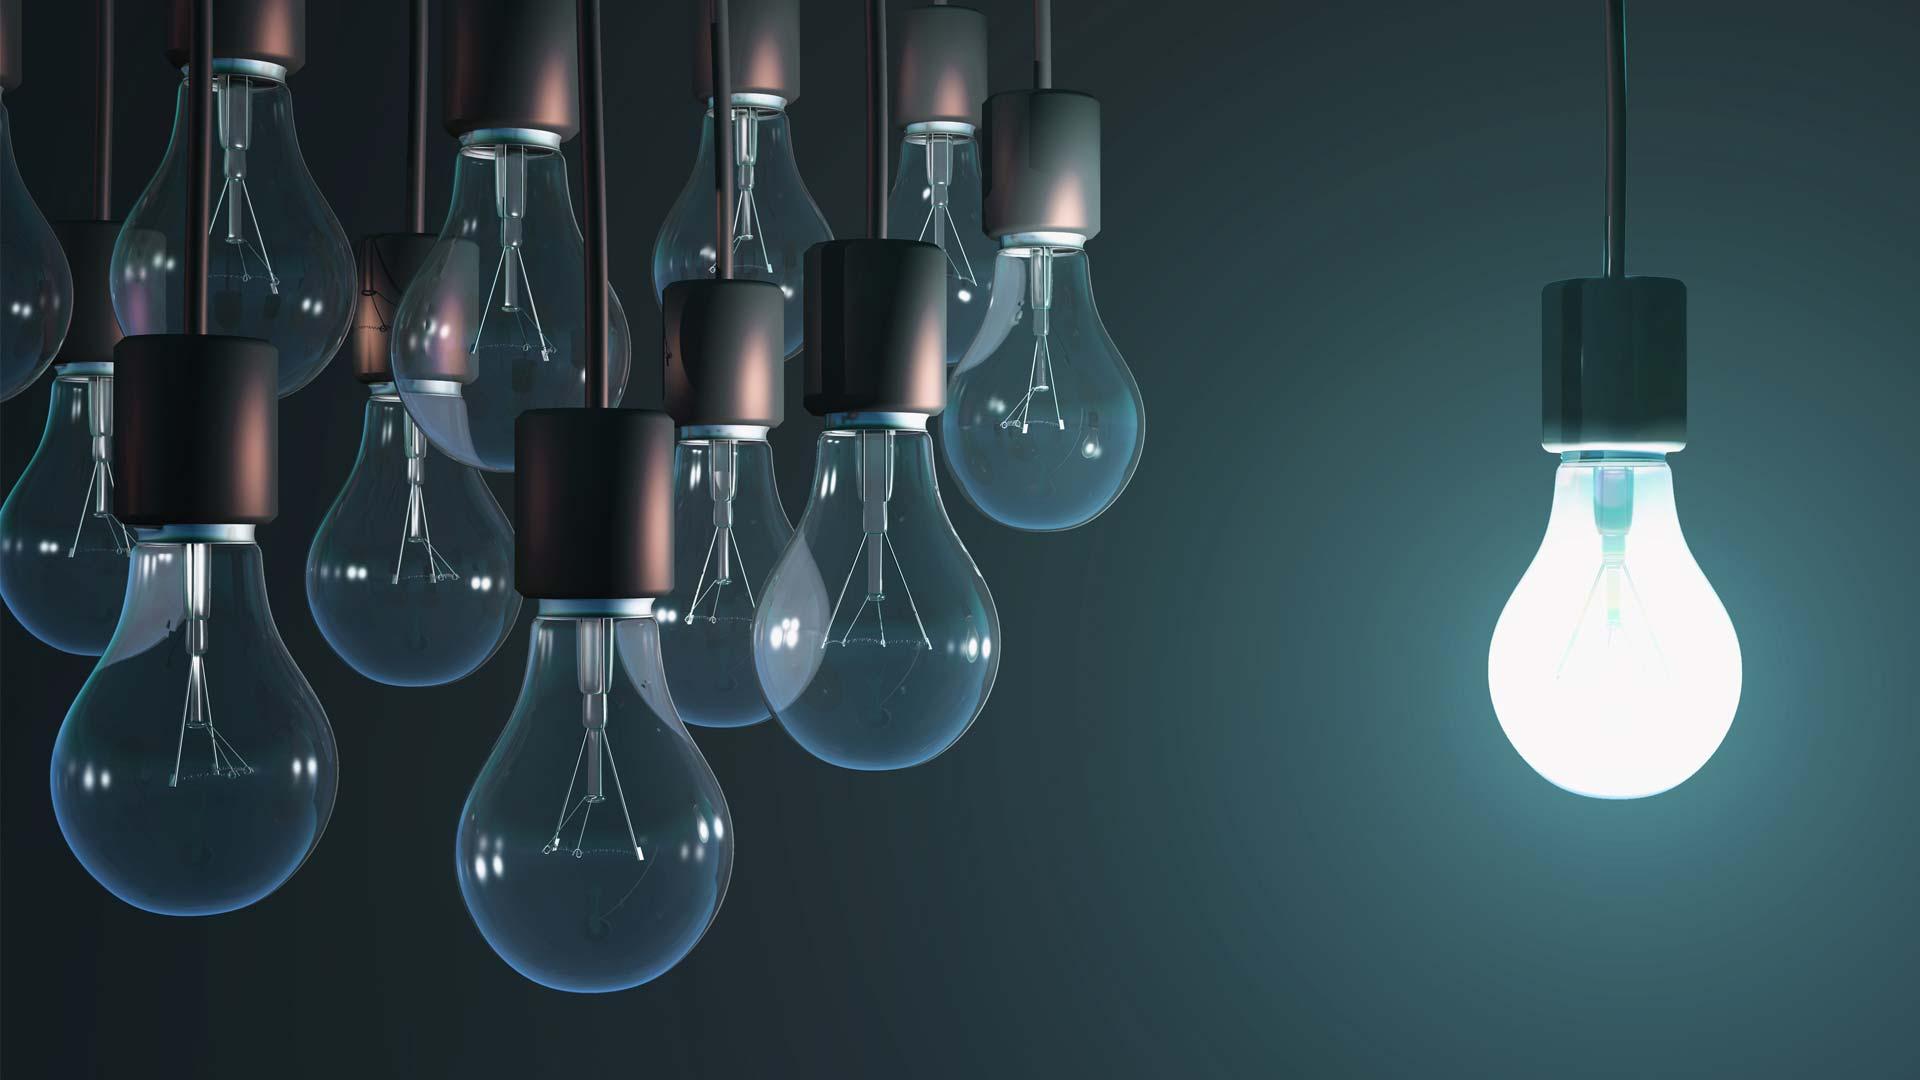 16 اختراع هوشمندانه و سادهای که زندگی را راحتتر کردهاند